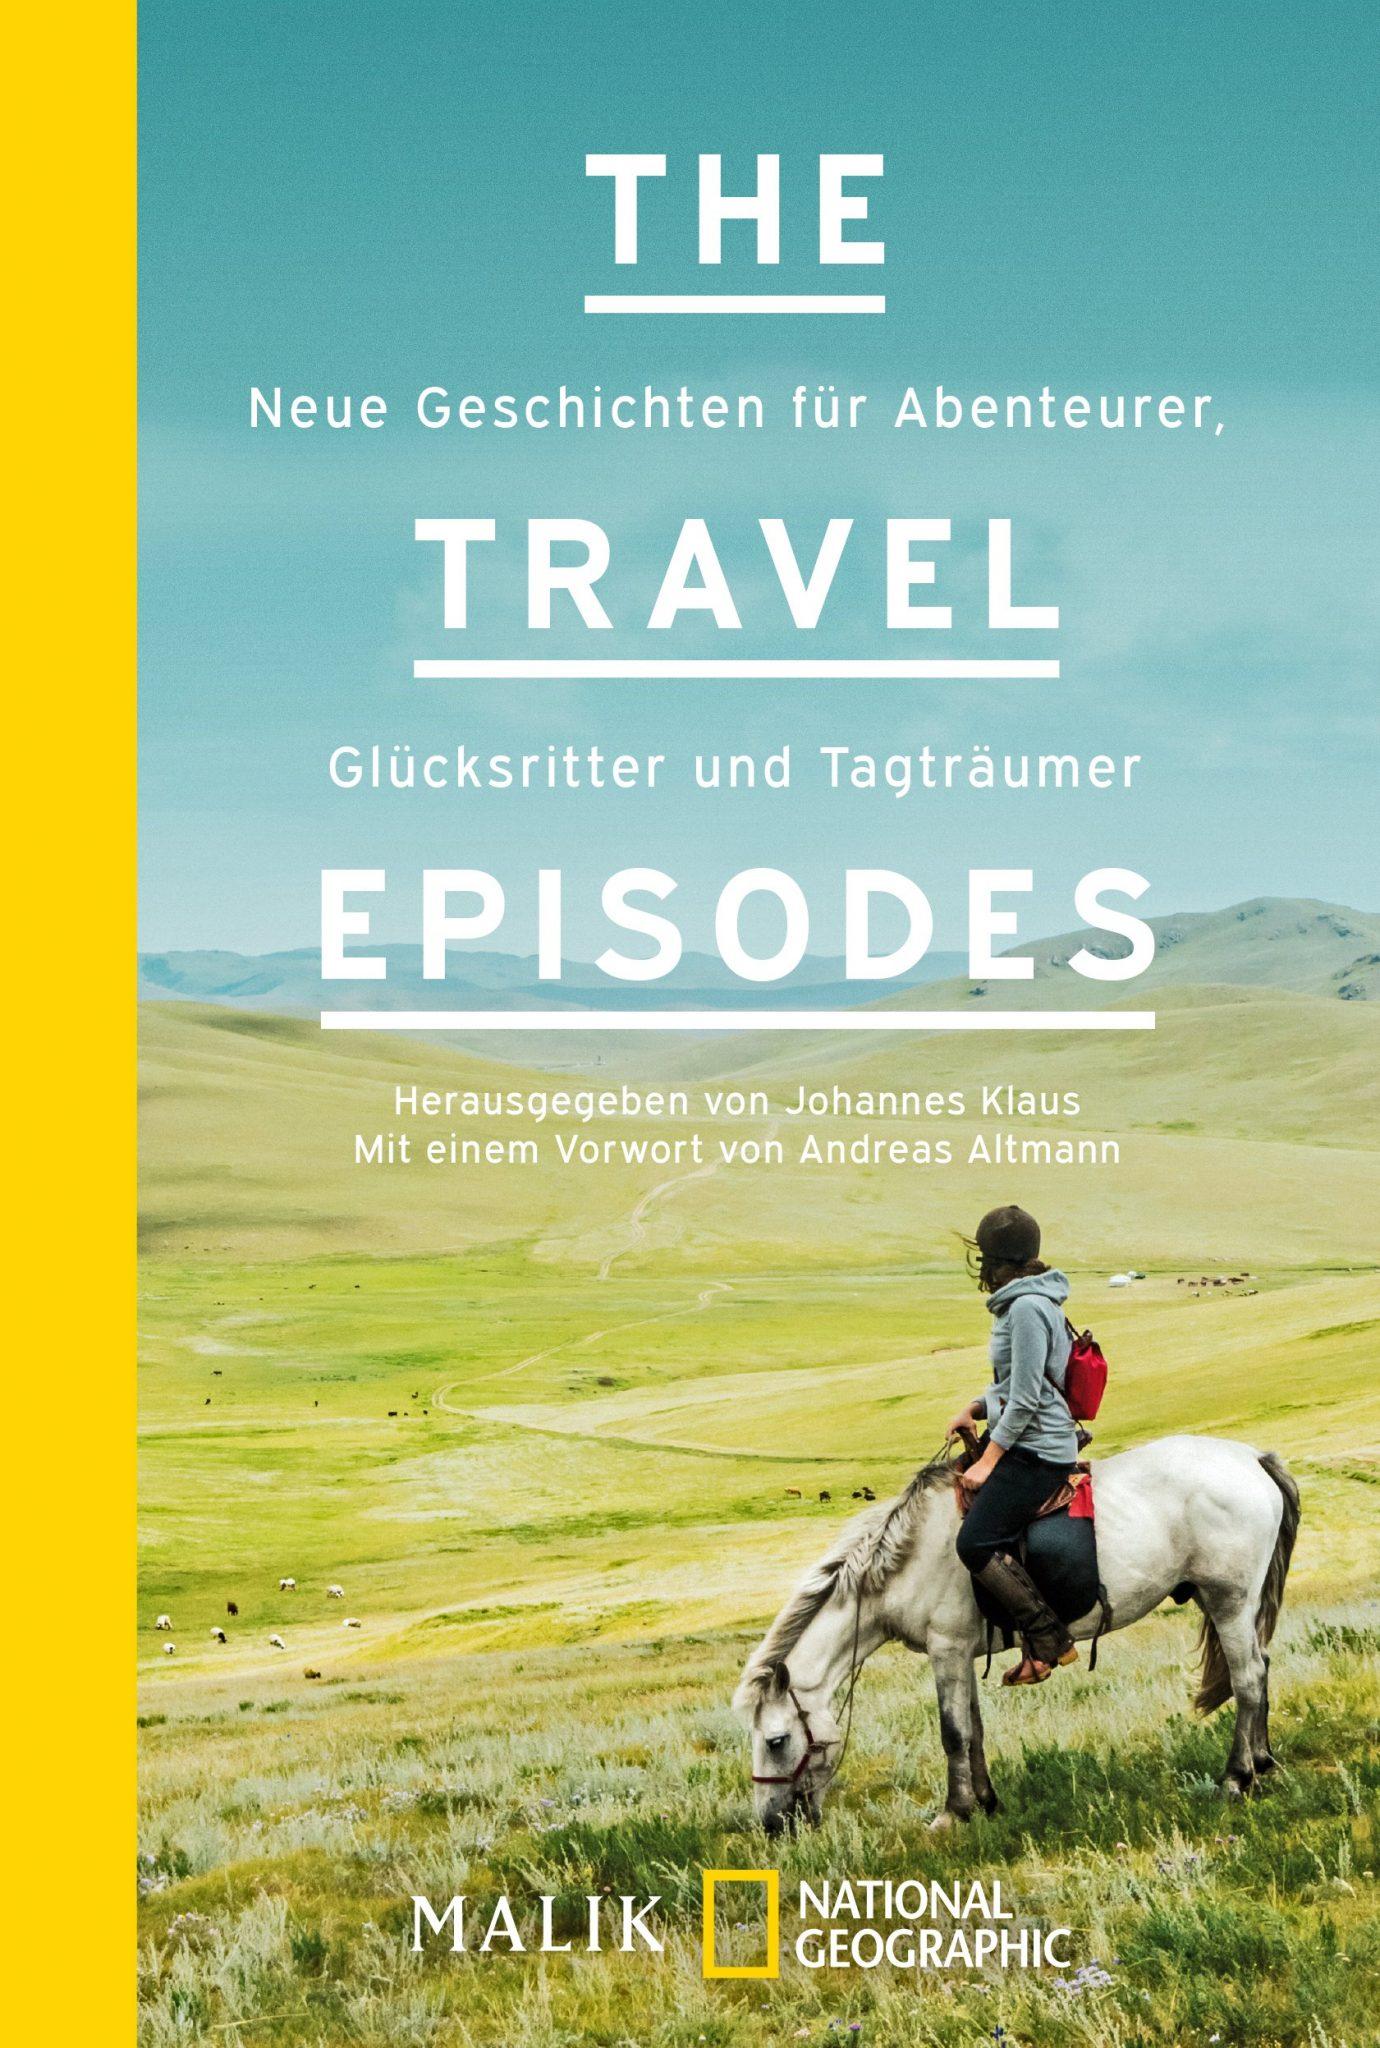 The Travel Episodes: Neue Geschichten für Abenteurer, Glücksritter und Tagträumer